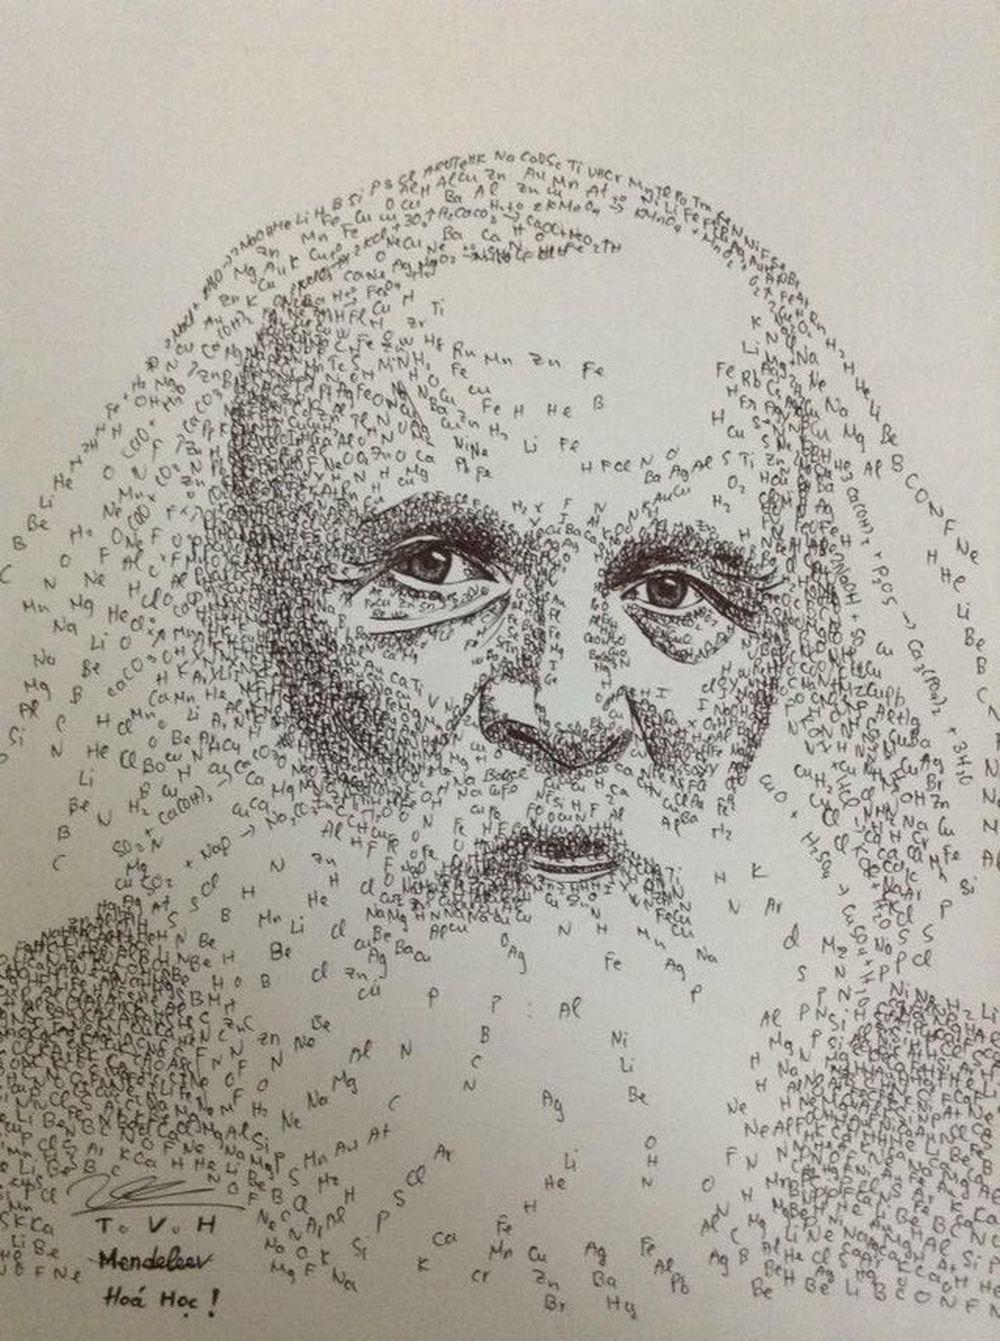 Bức ảnh chân dung nhà khoa học Mendeleev được vẽ bằng các nguyên tố Hóa học